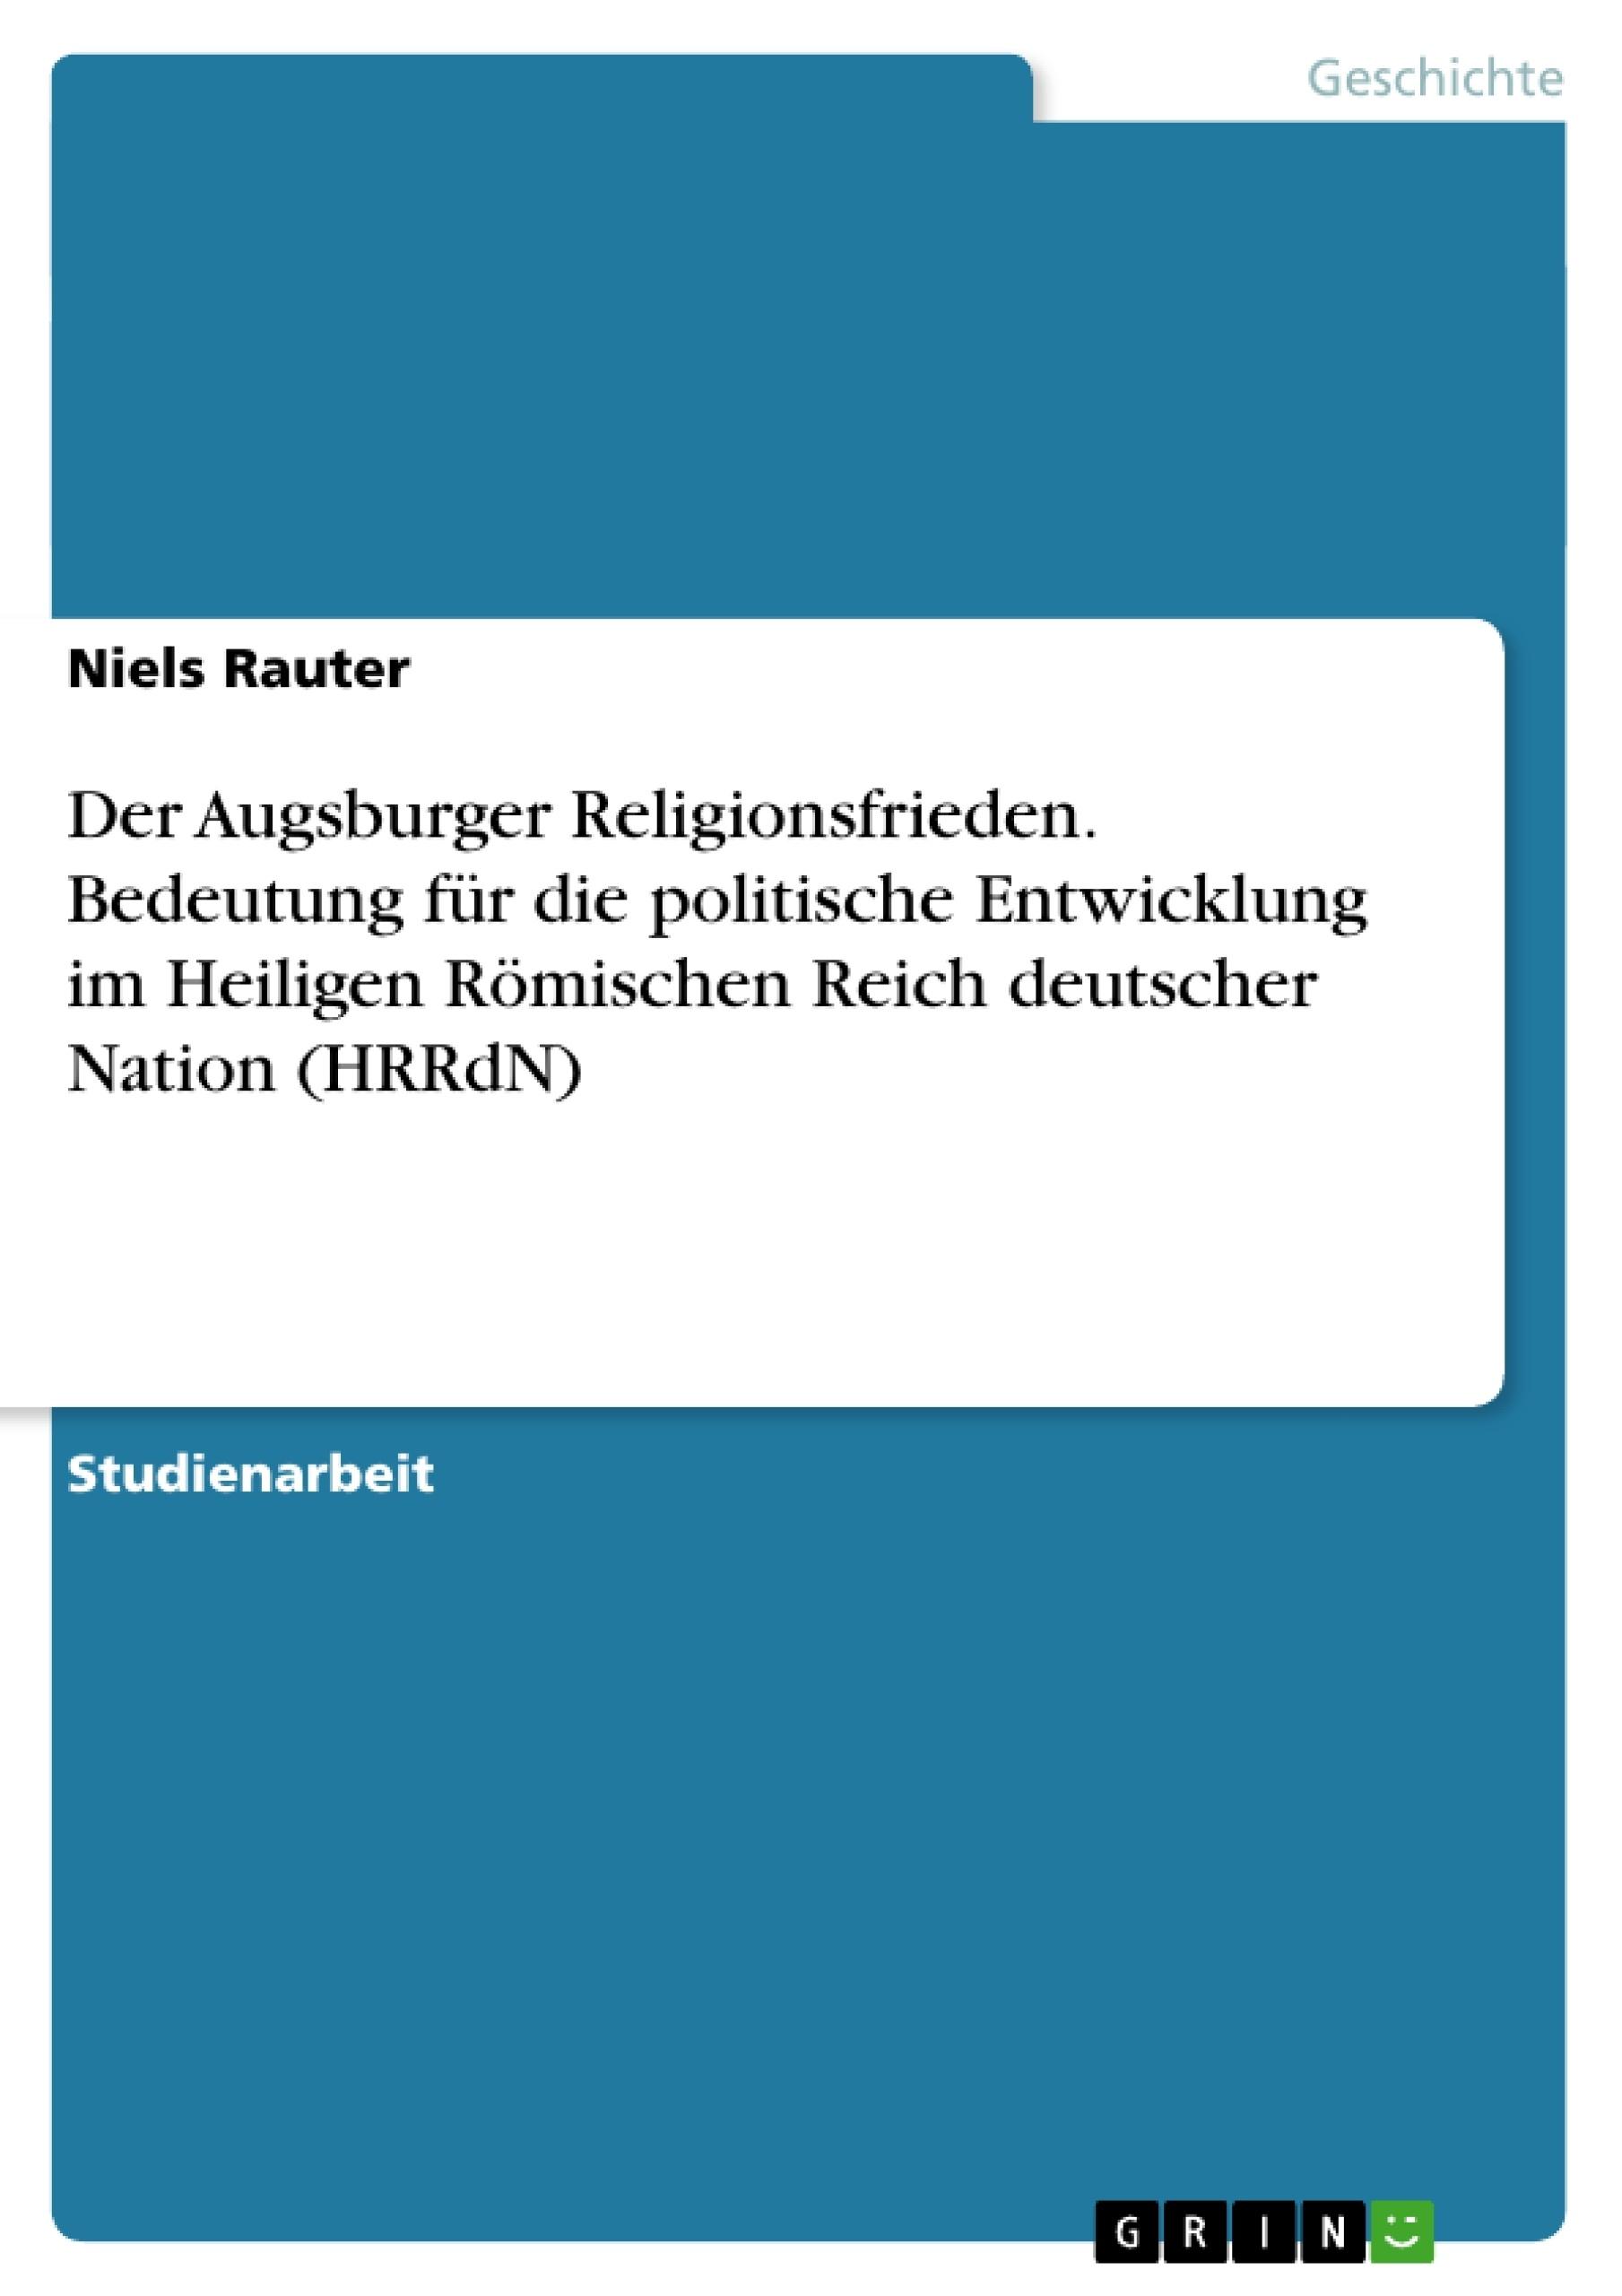 Titel: Der Augsburger Religionsfrieden. Bedeutung für die politische Entwicklung im Heiligen Römischen Reich deutscher Nation (HRRdN)